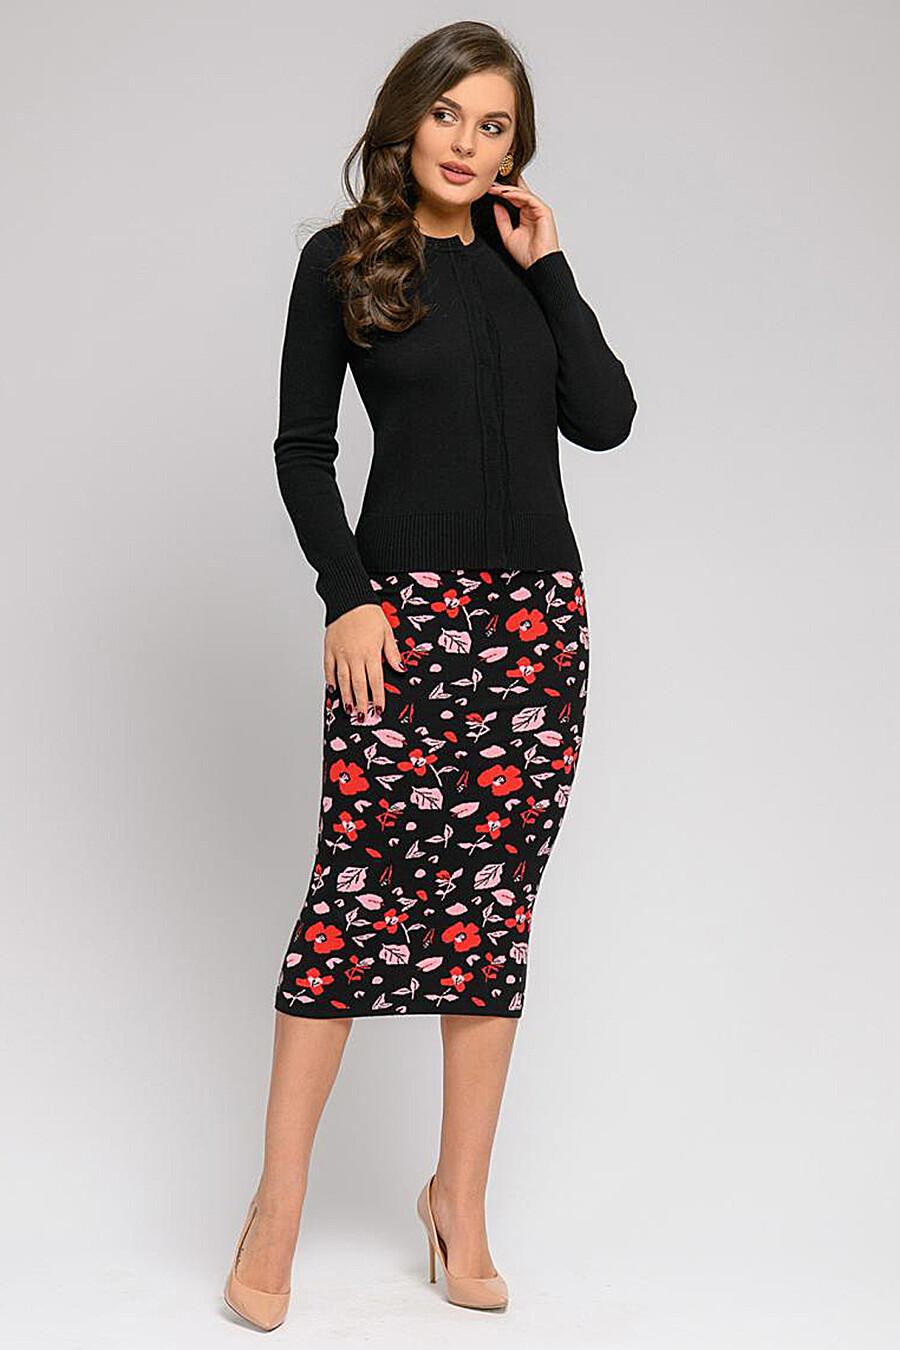 Кардиган для женщин 1001 DRESS 169259 купить оптом от производителя. Совместная покупка женской одежды в OptMoyo